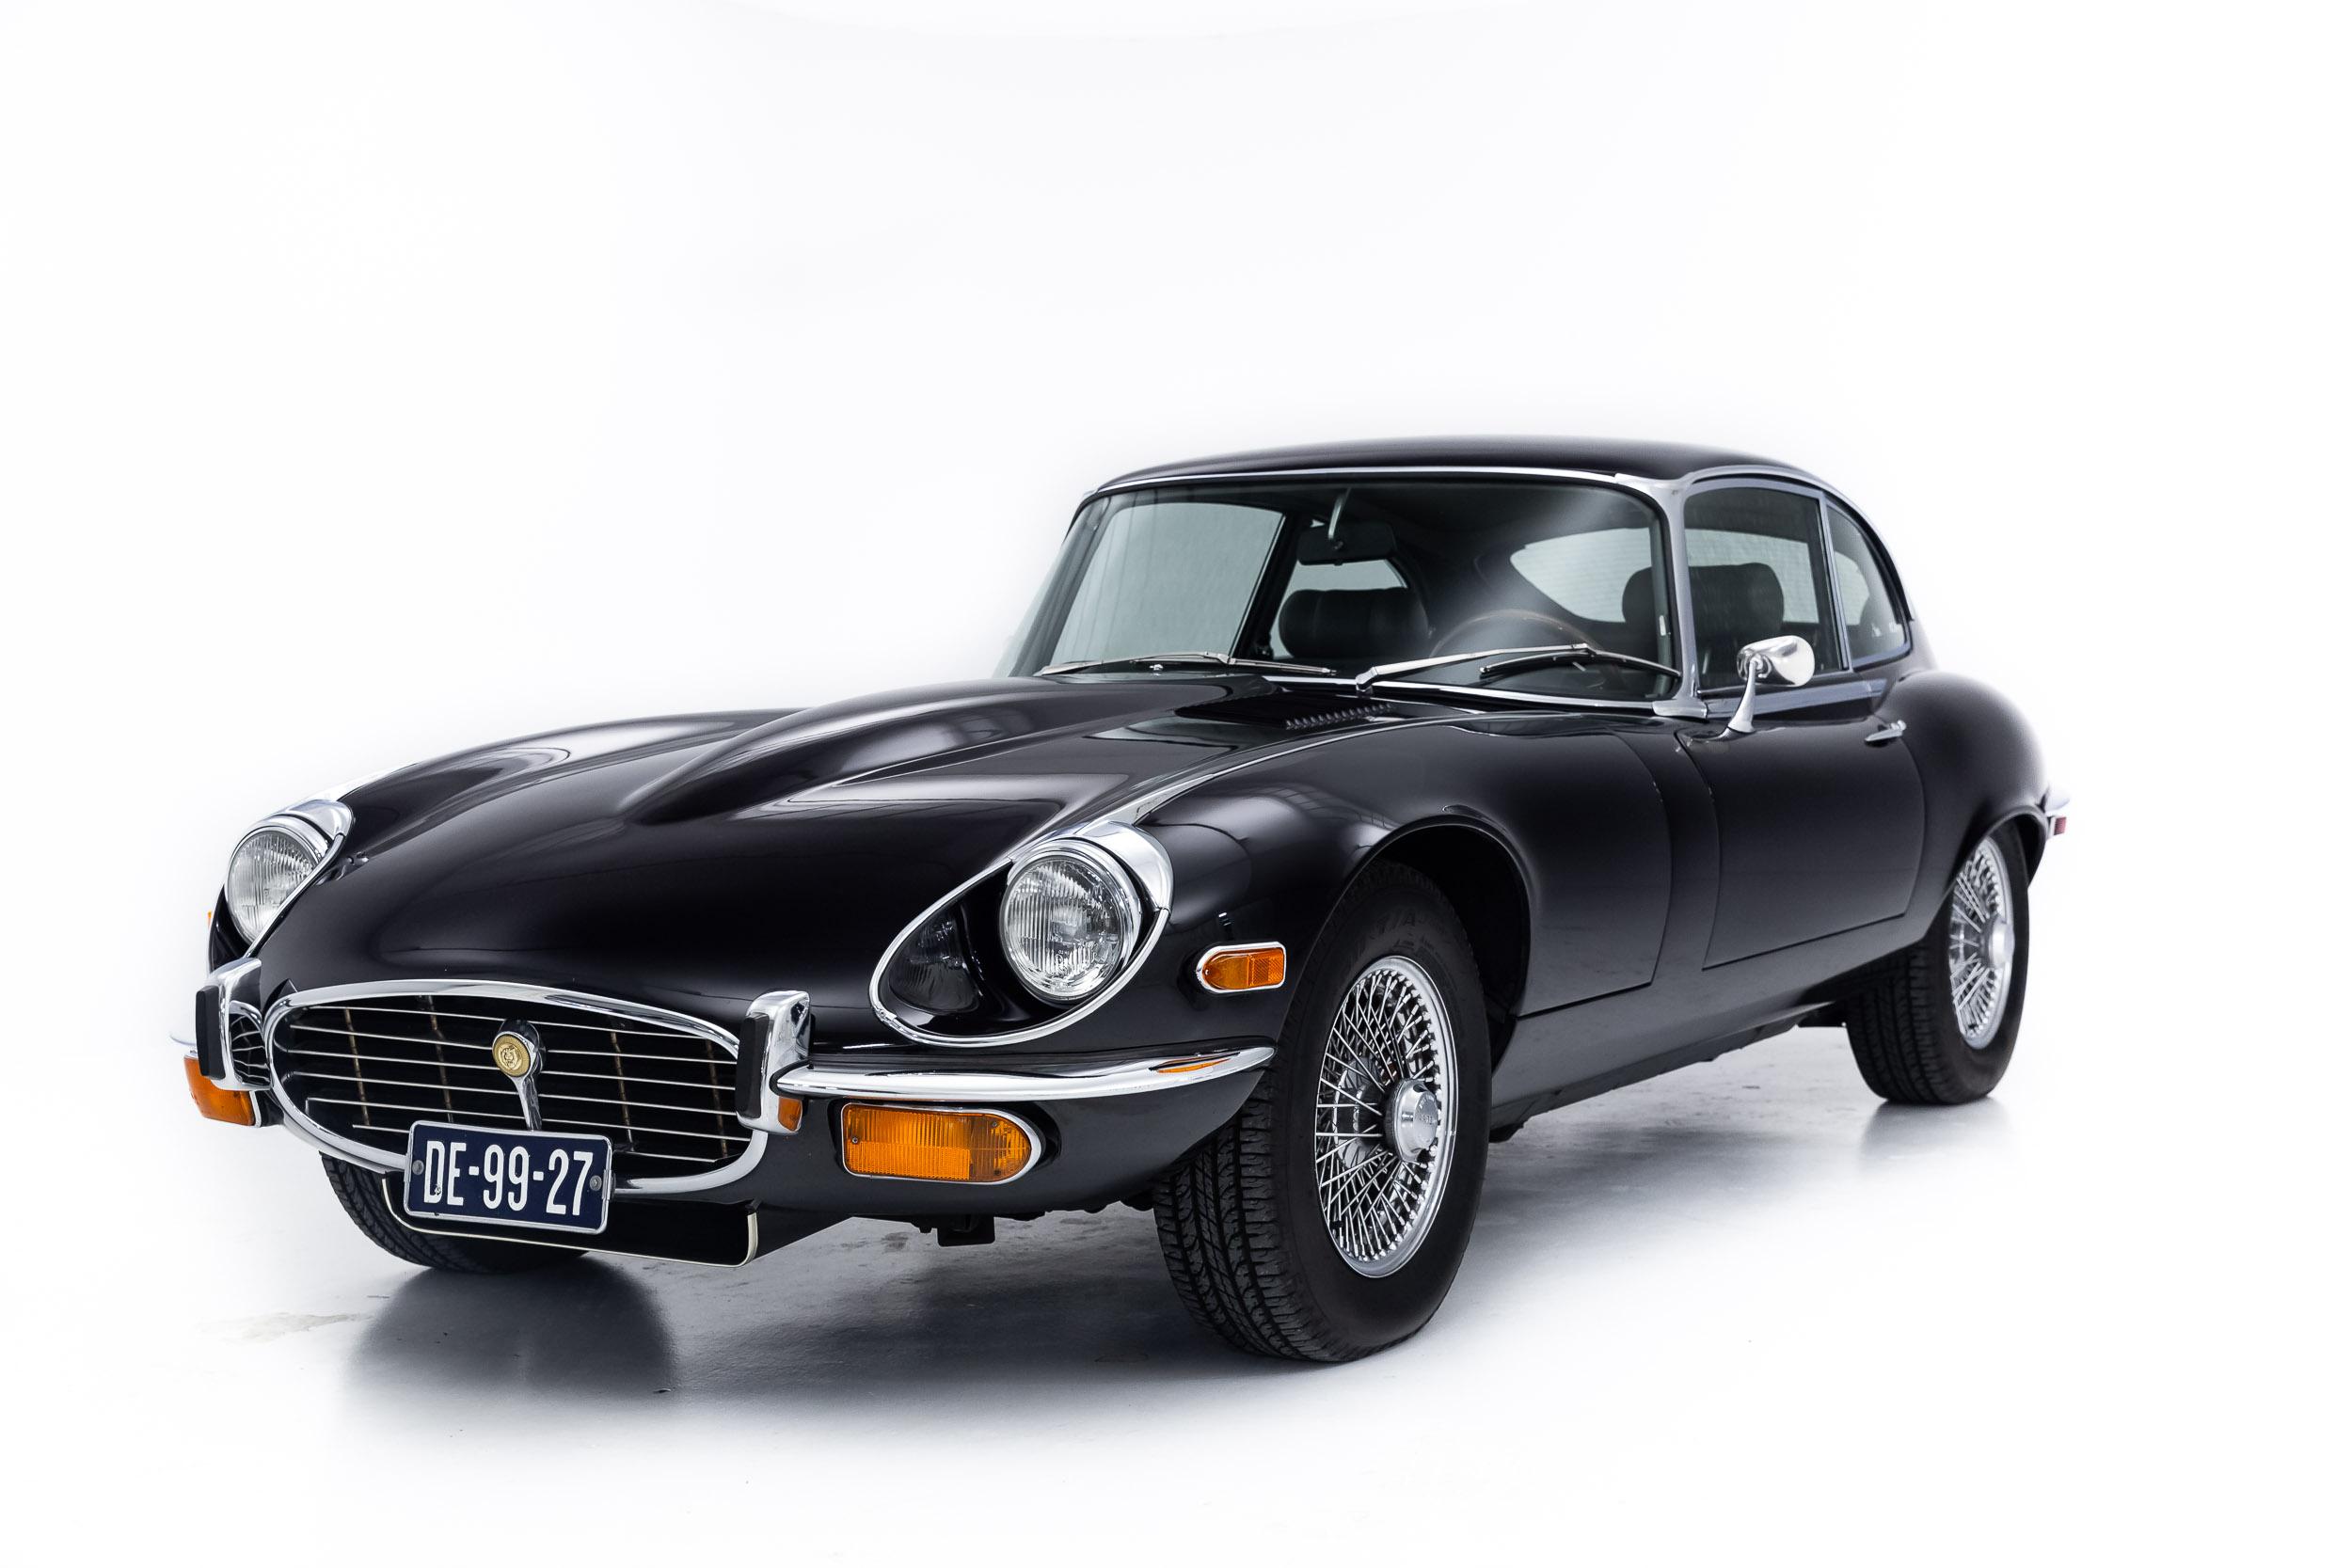 Jaguar E-Type S3 V12